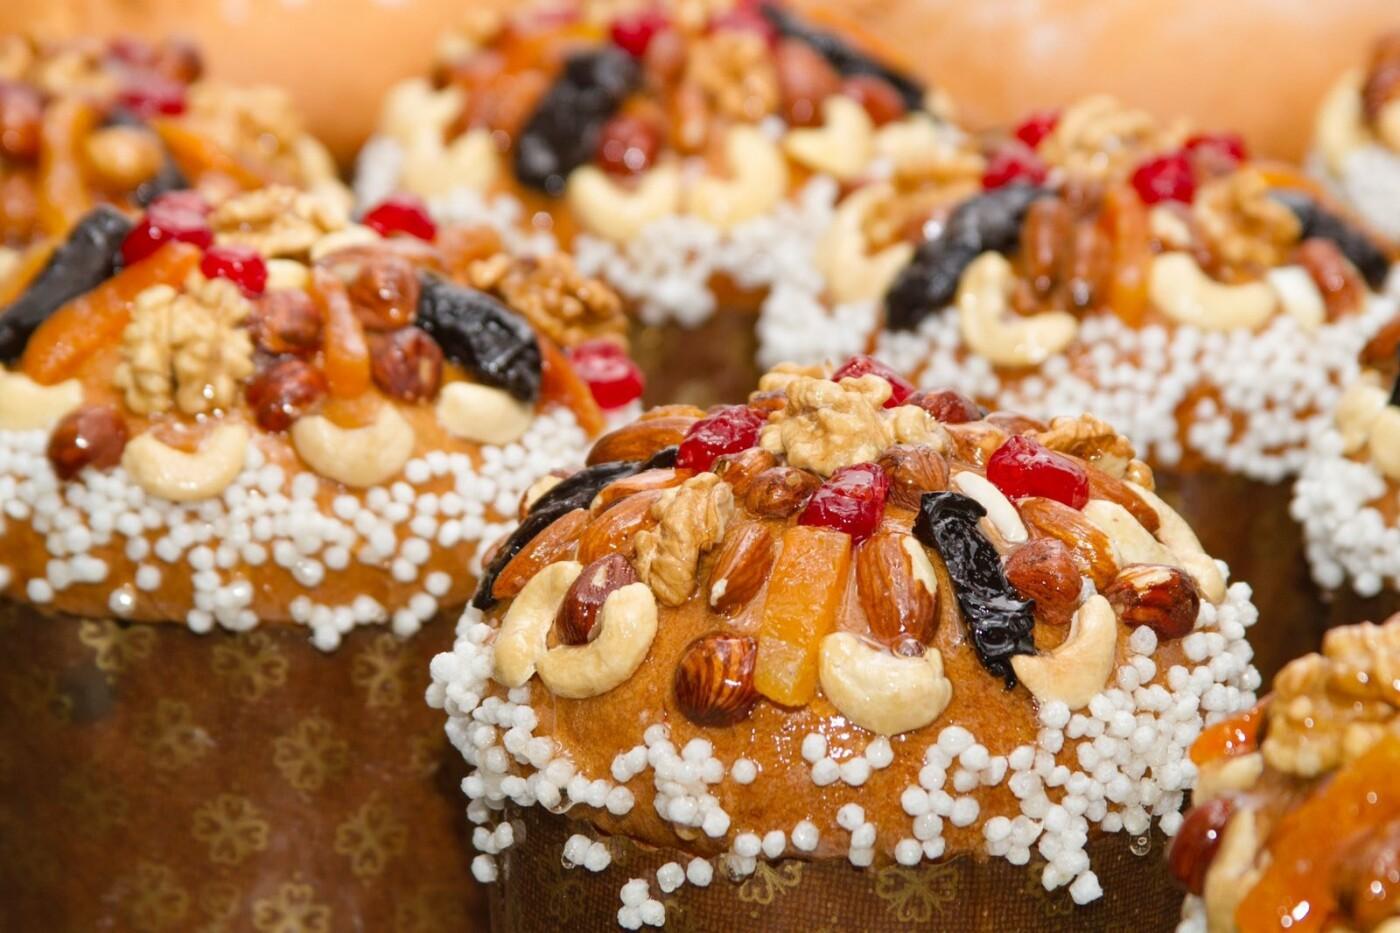 Бесплатная адресная доставка пасхальных куличей из эко-продуктов от Хлеб Дю Солей, фото-11